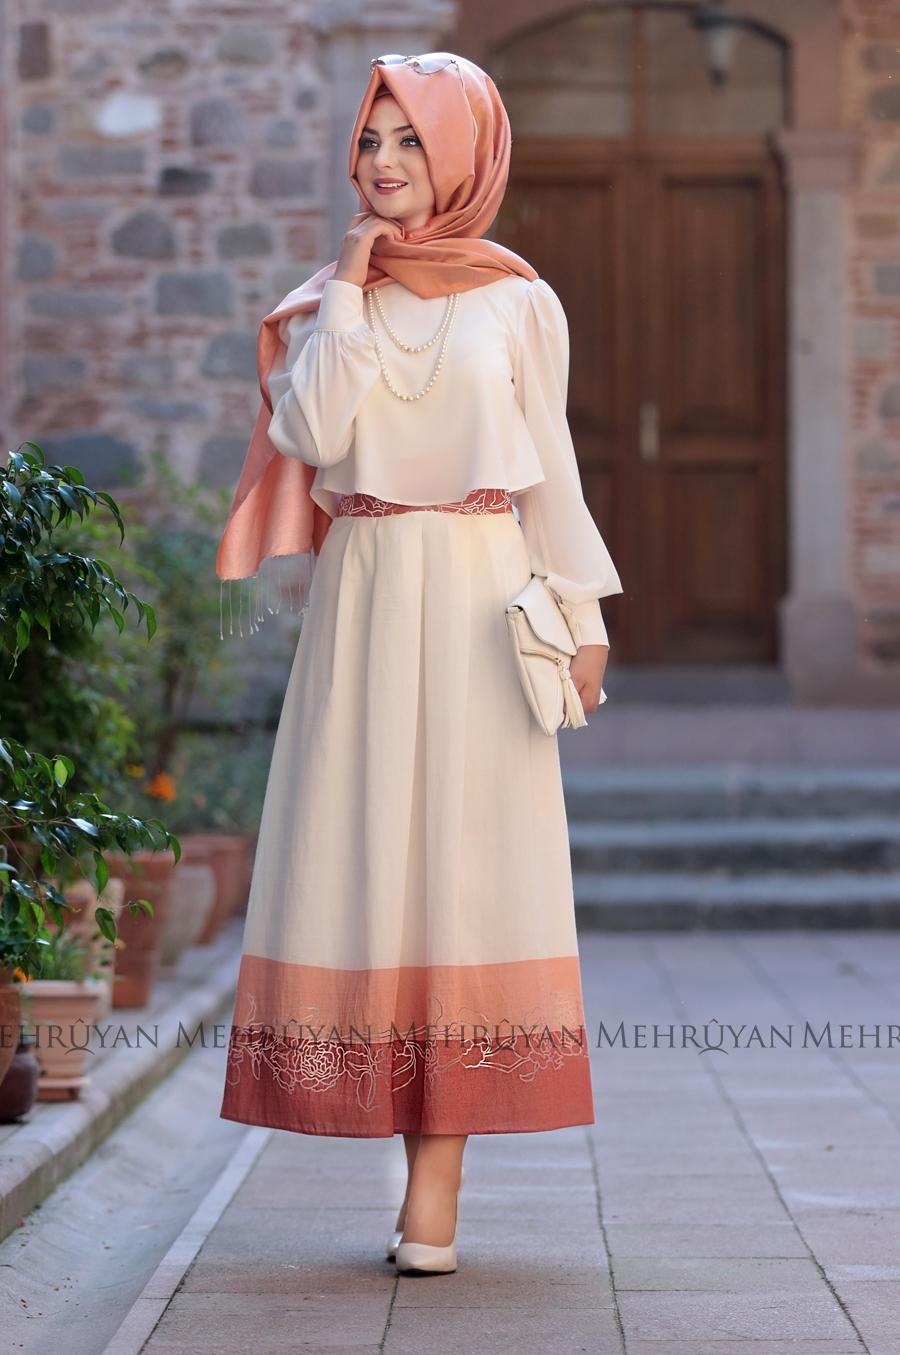 بالصور اشيك ملابس محجبات , اكتسبي اطلالة جذابة بحجابك 5109 3